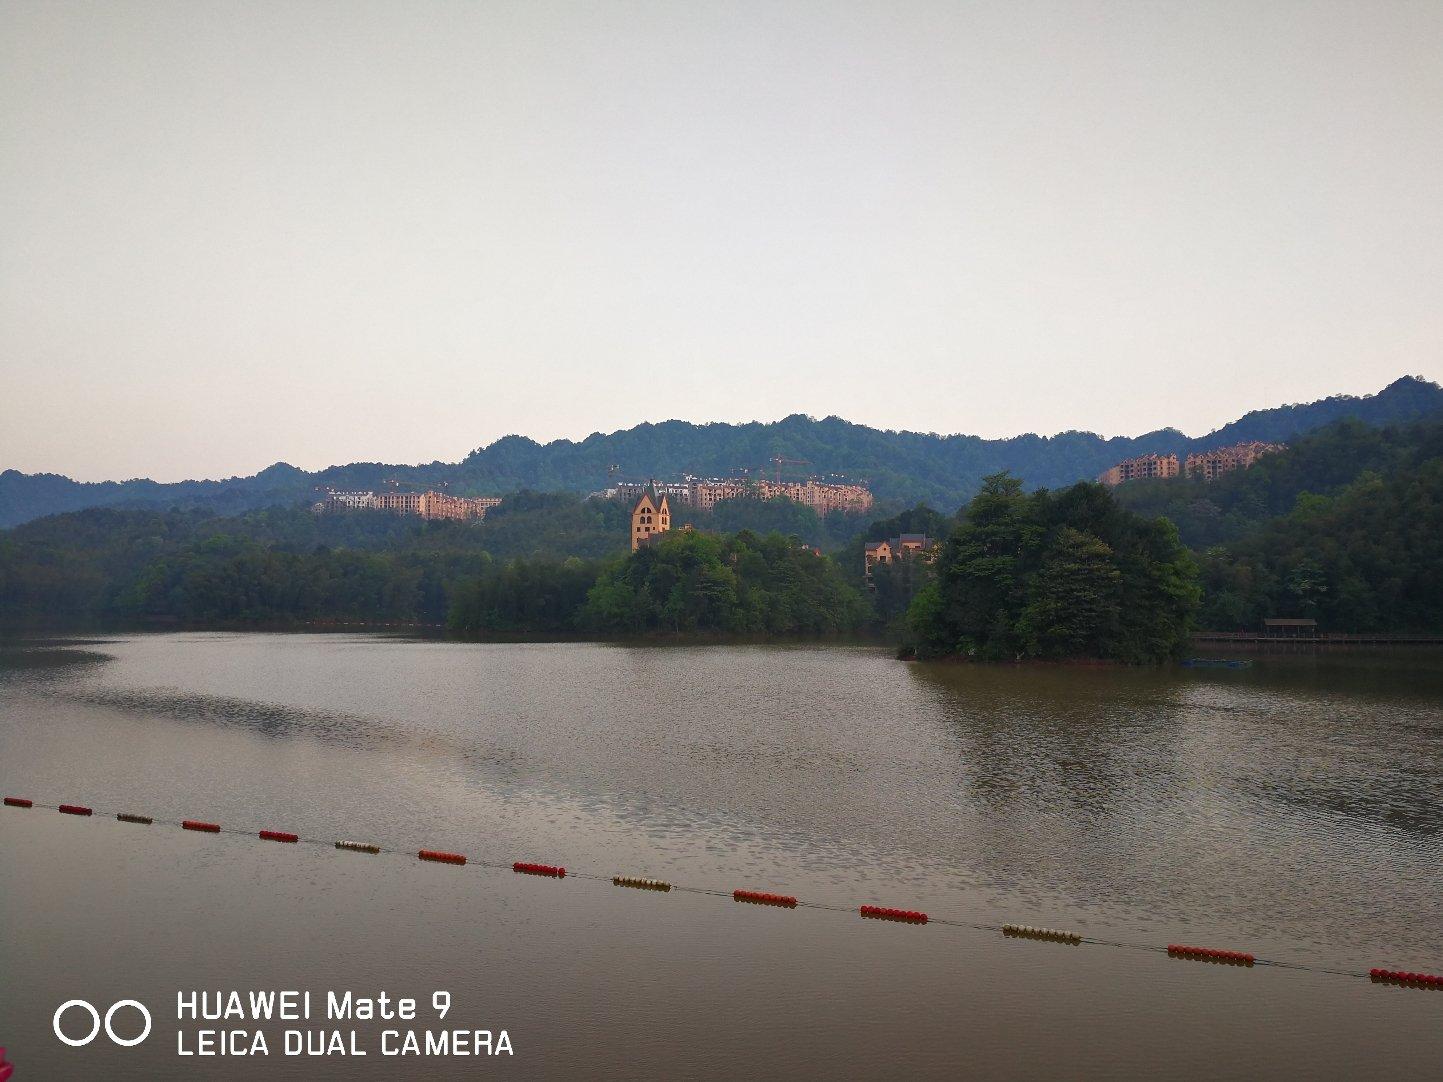 贵州省遵义市赤水市葫市镇天岛湖大酒店天气预报